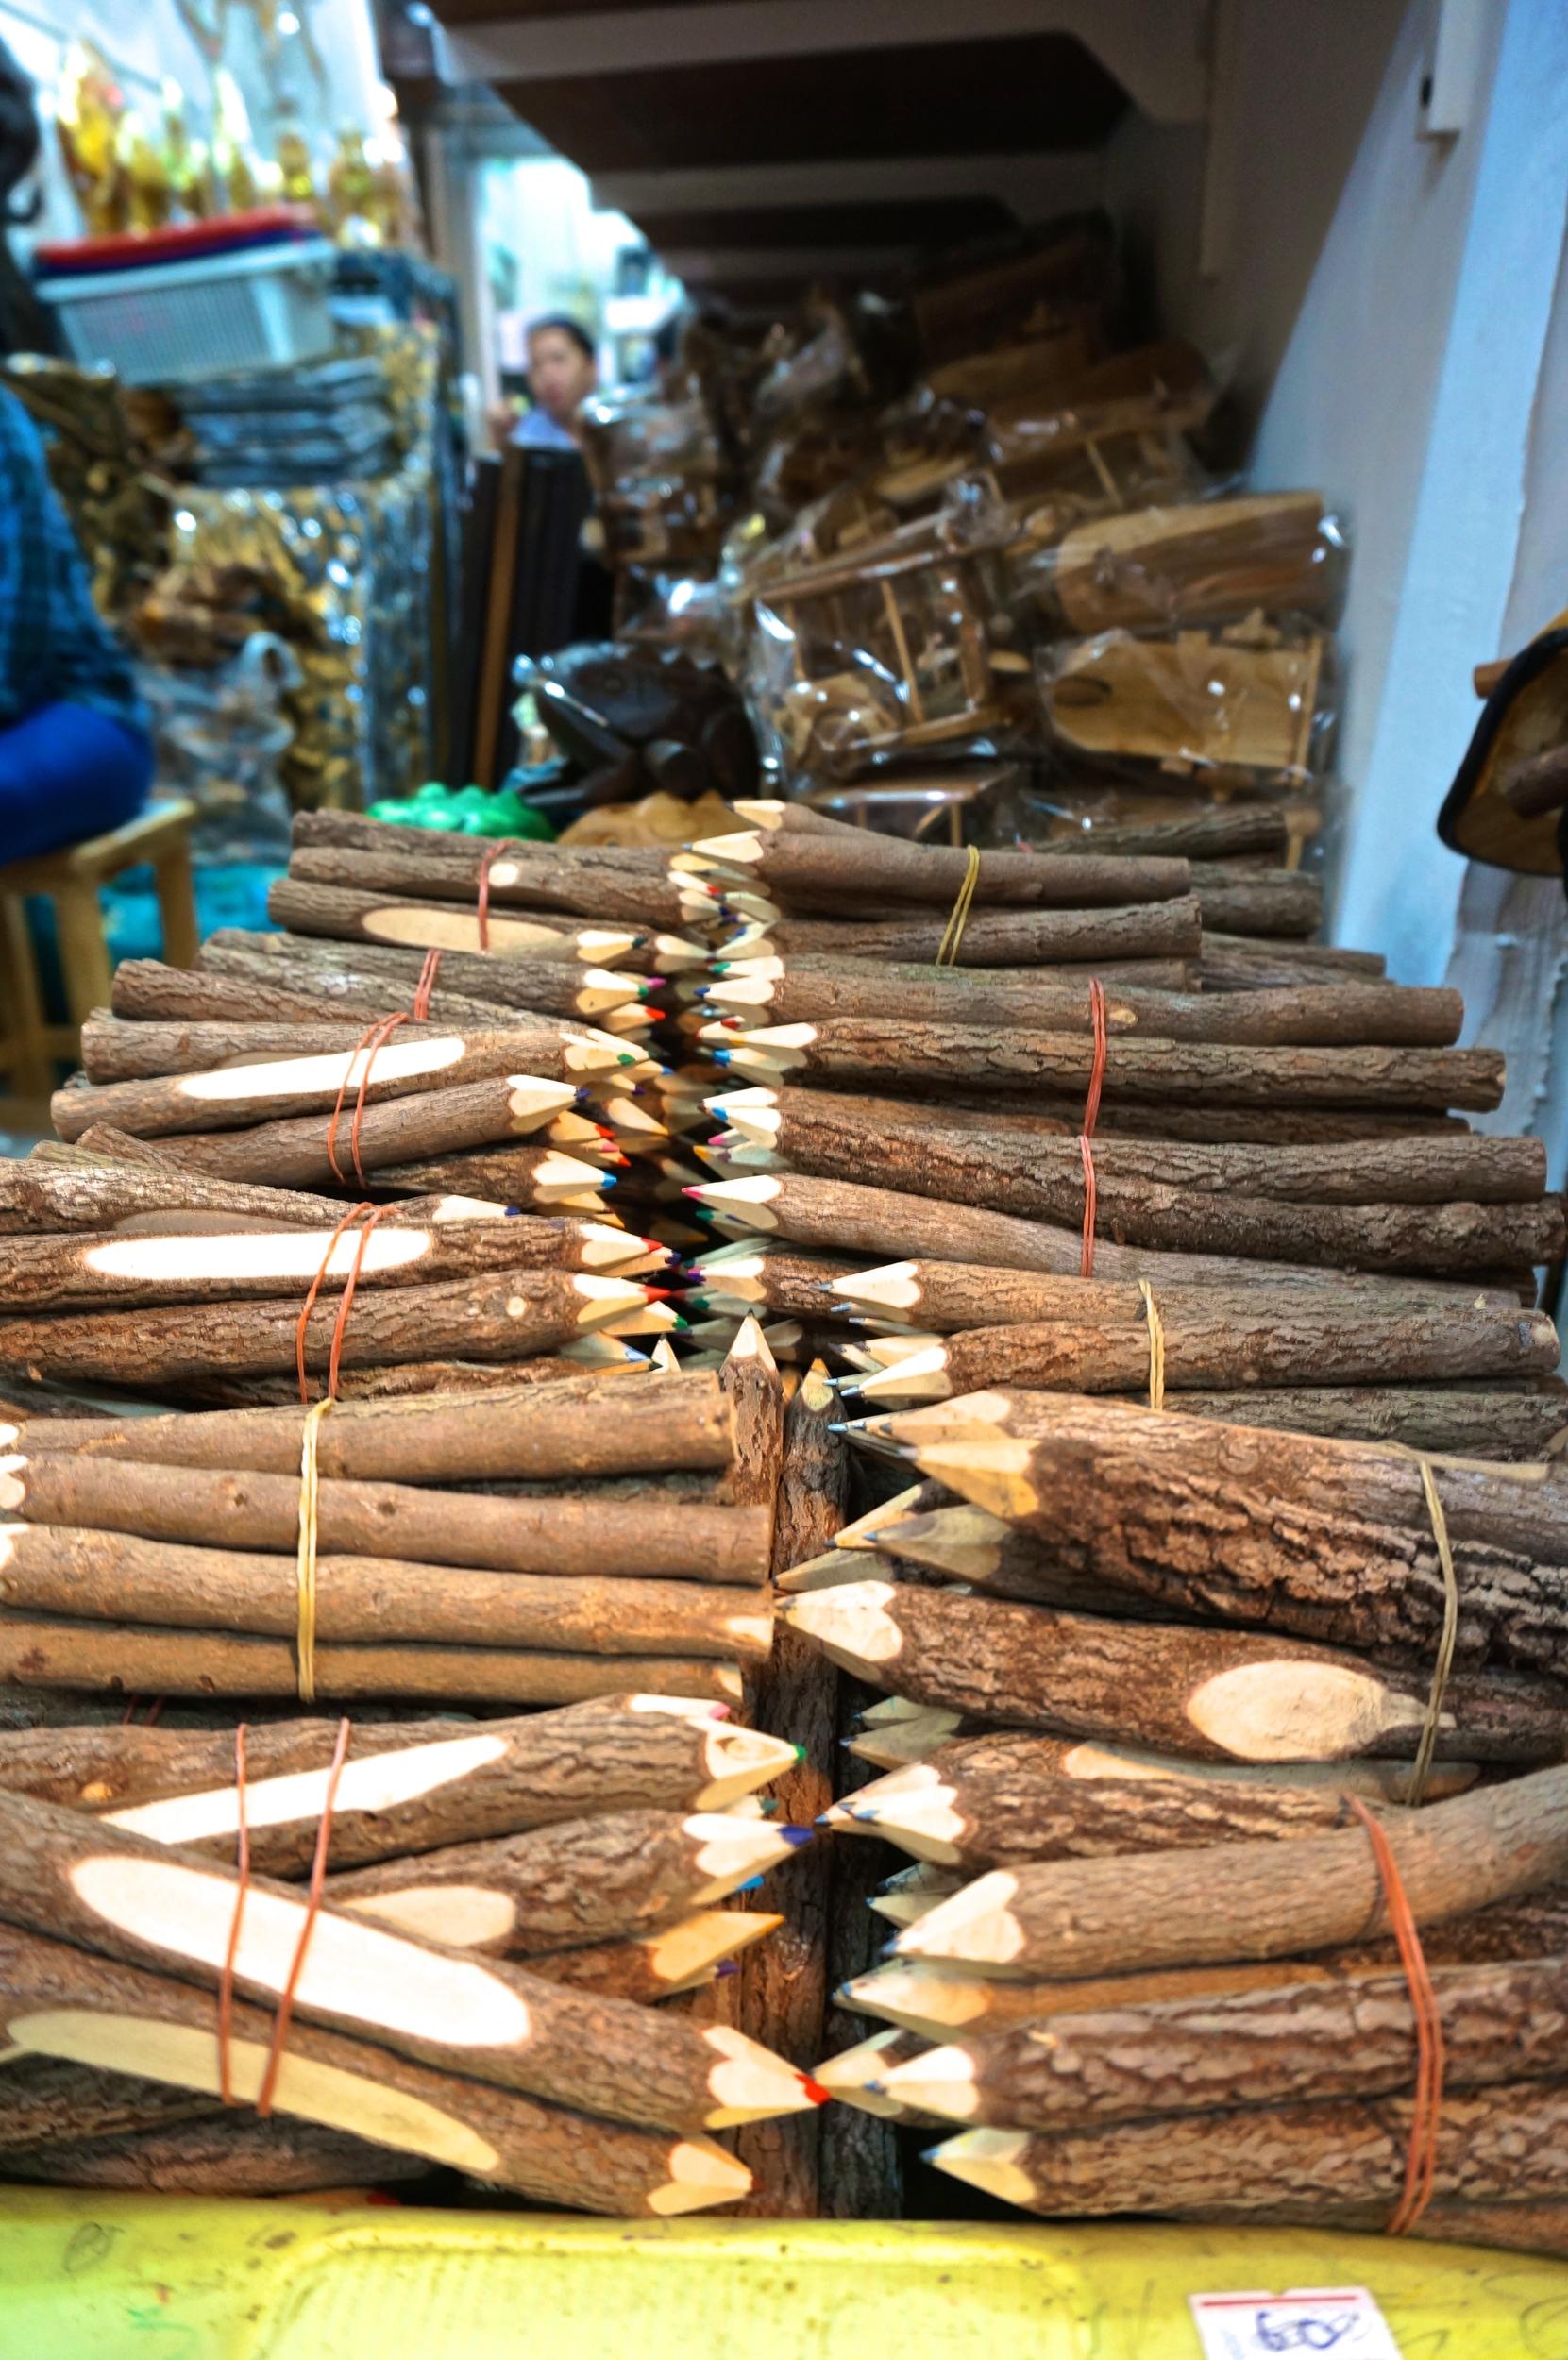 Best Thai Souvenirs Shopping Bangkok Jj Chatuchak Market